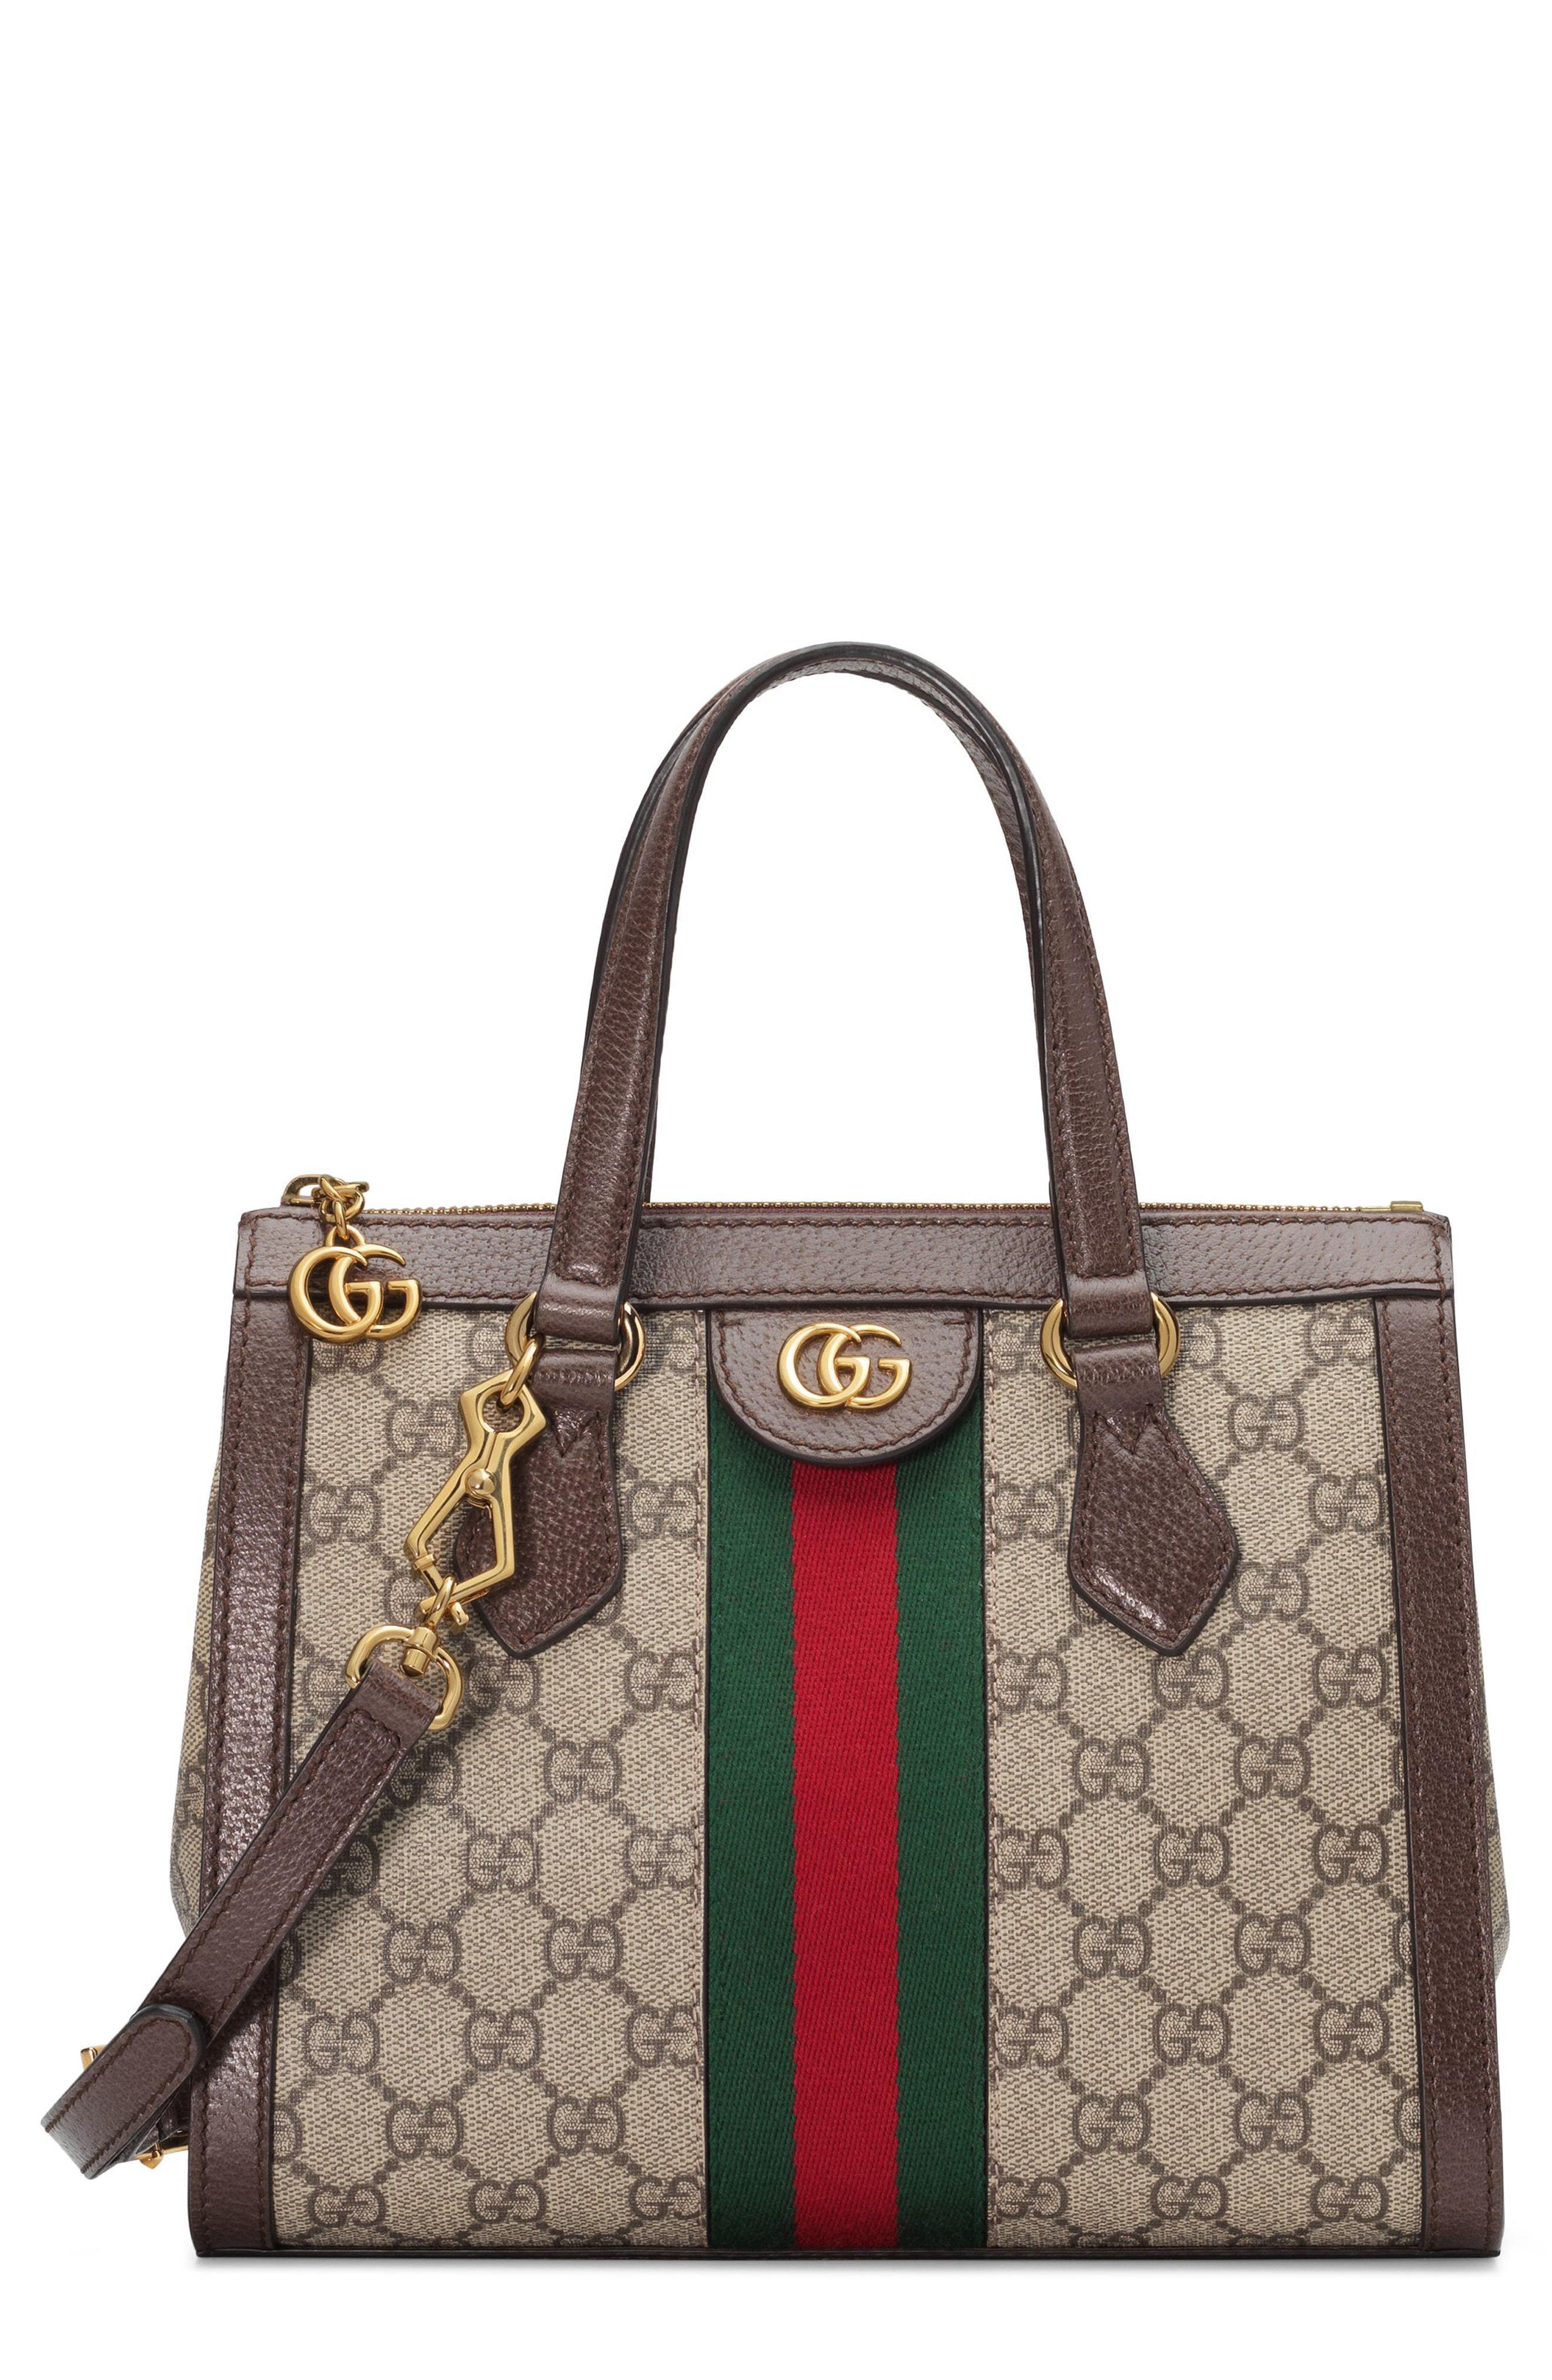 1450293e19cb Gucci. Women's Ophidia GG Supreme Tote